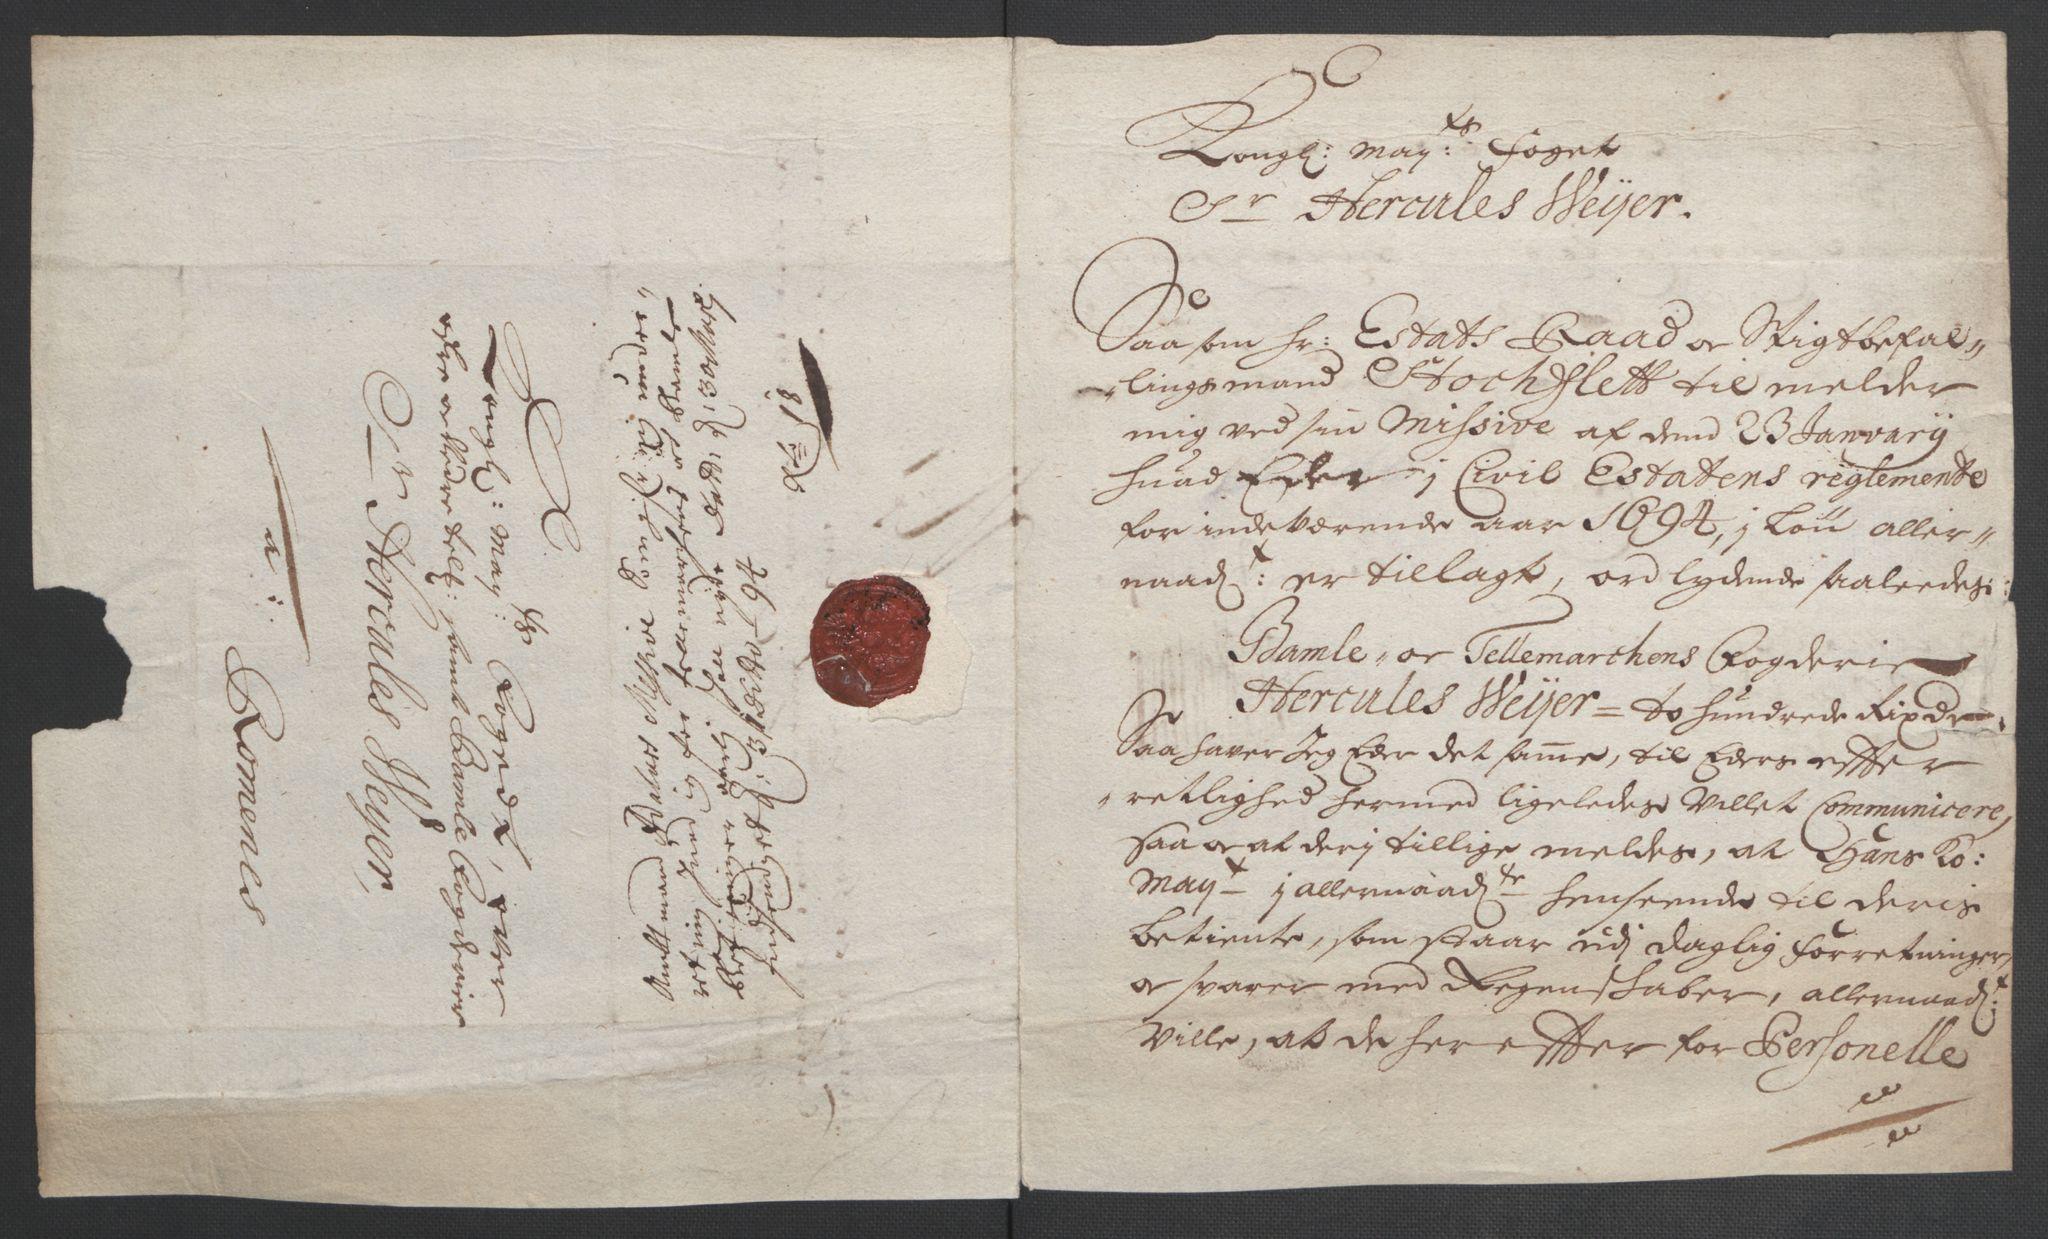 RA, Rentekammeret inntil 1814, Reviderte regnskaper, Fogderegnskap, R36/L2092: Fogderegnskap Øvre og Nedre Telemark og Bamble, 1694, s. 169